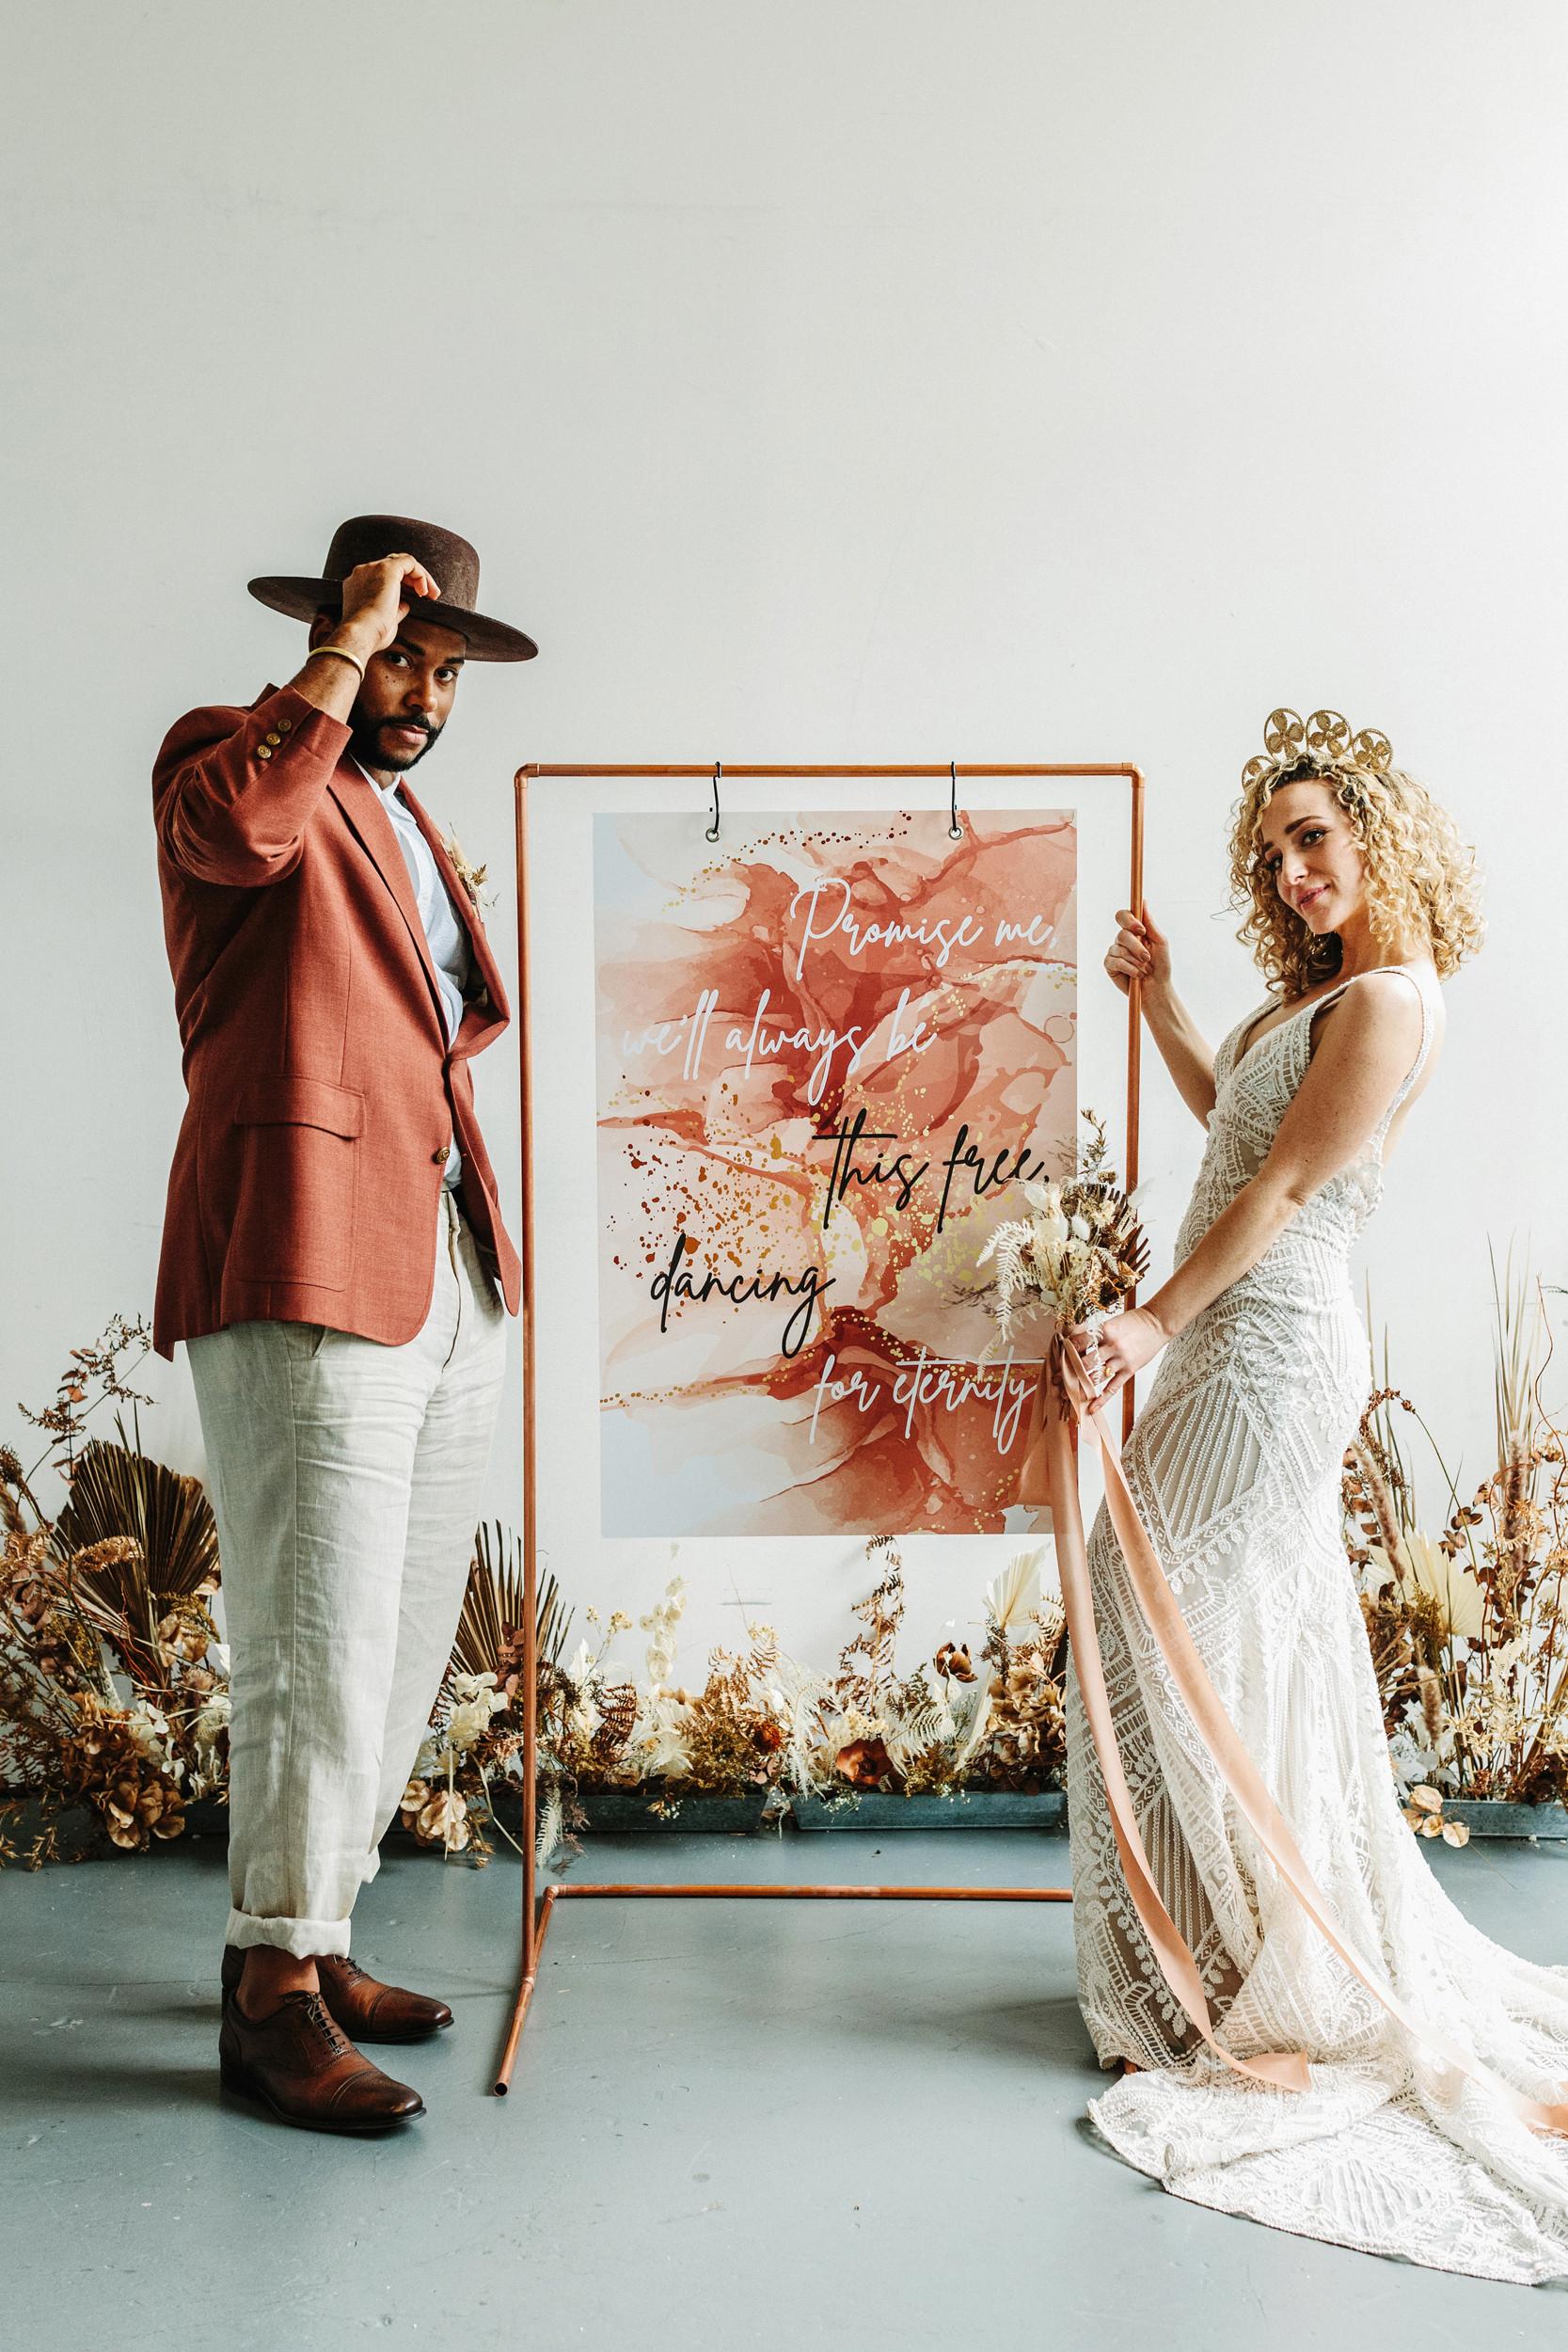 wedding calligraphy sign